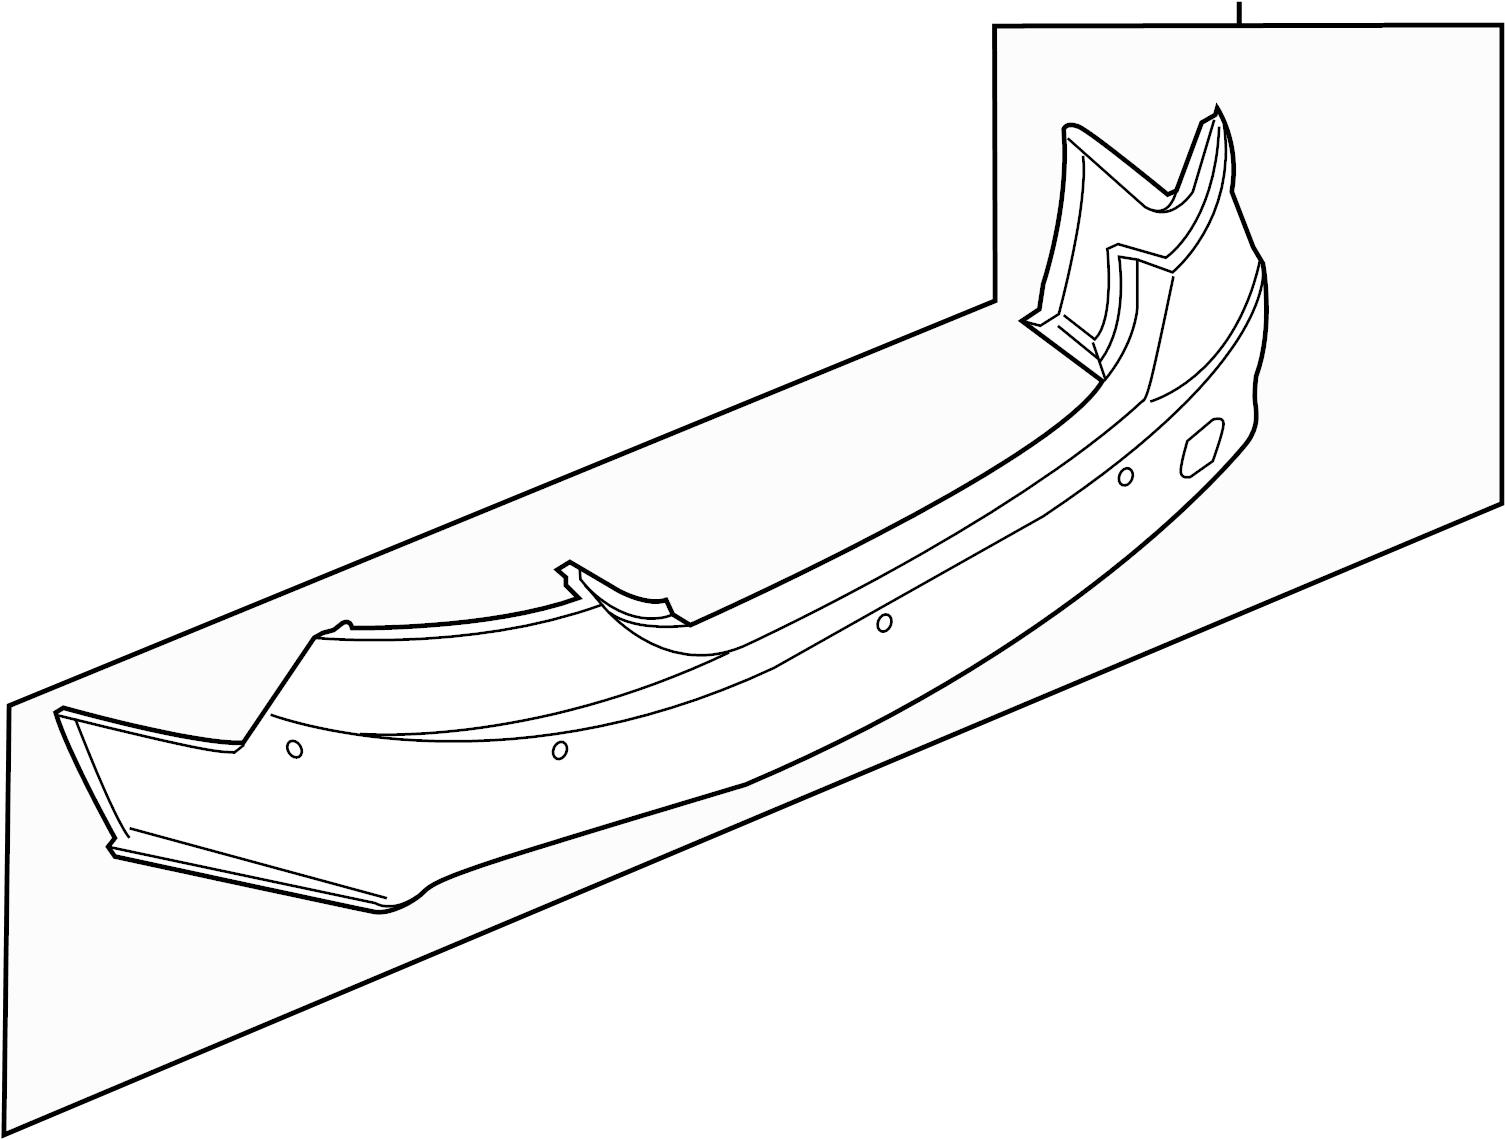 2002 bmw 325i front bumper parts diagram wiring diagram database tags 2005 bmw 325i parts diagram 1992 bmw 325i parts diagrams 2001 bmw 325i body parts diagram bmw 325i vacuum hose diagram 2006 bmw 325i belt